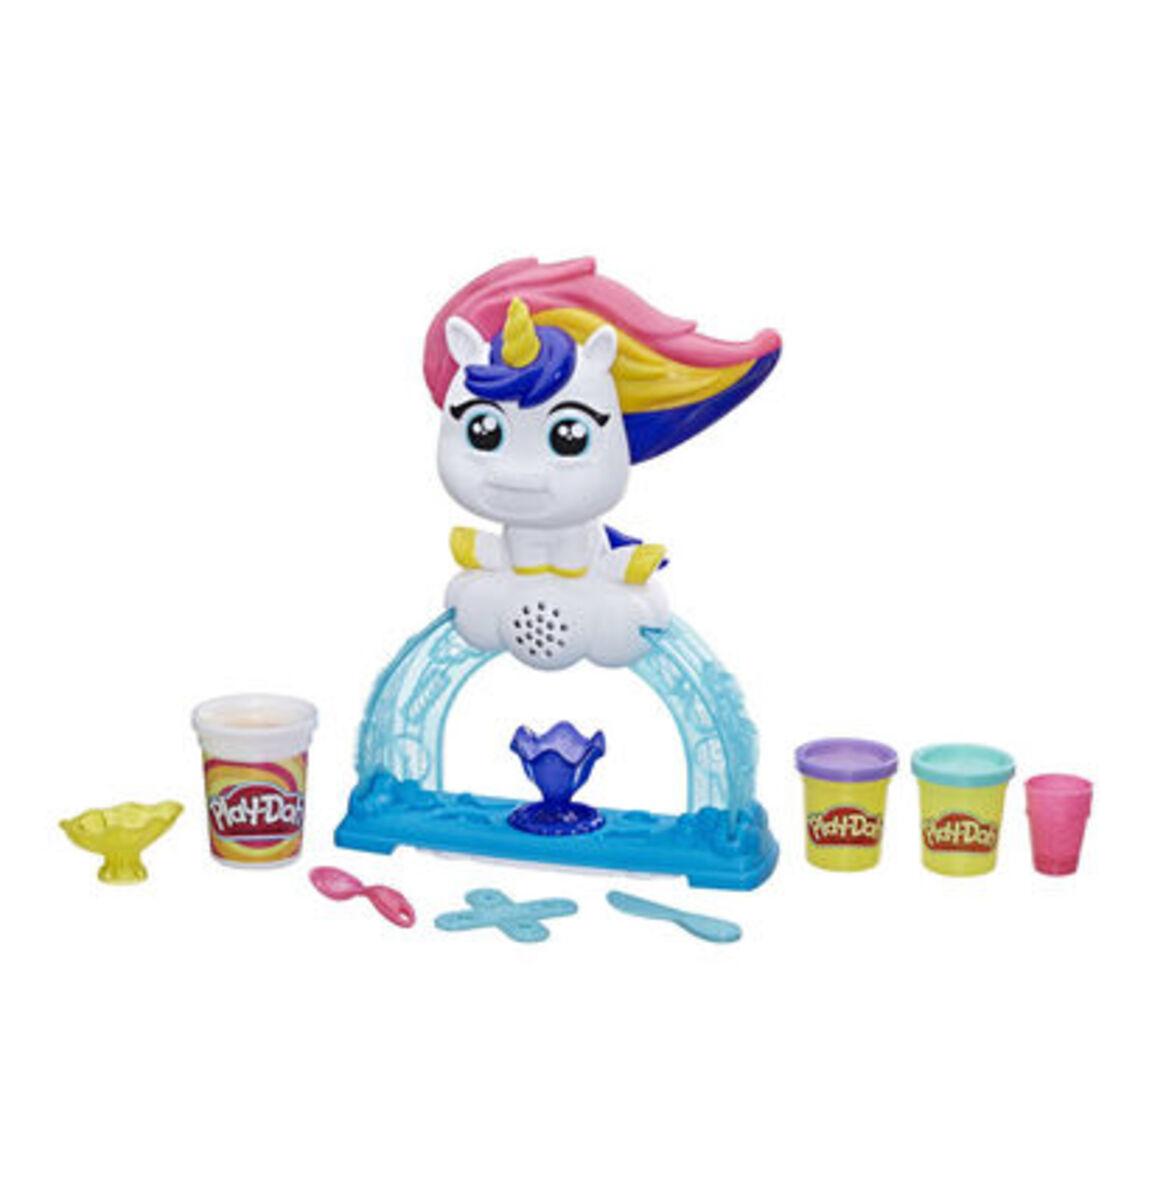 Bild 2 von Hasbro Buntes Einhorn Softeis-Set, mehrfarbig